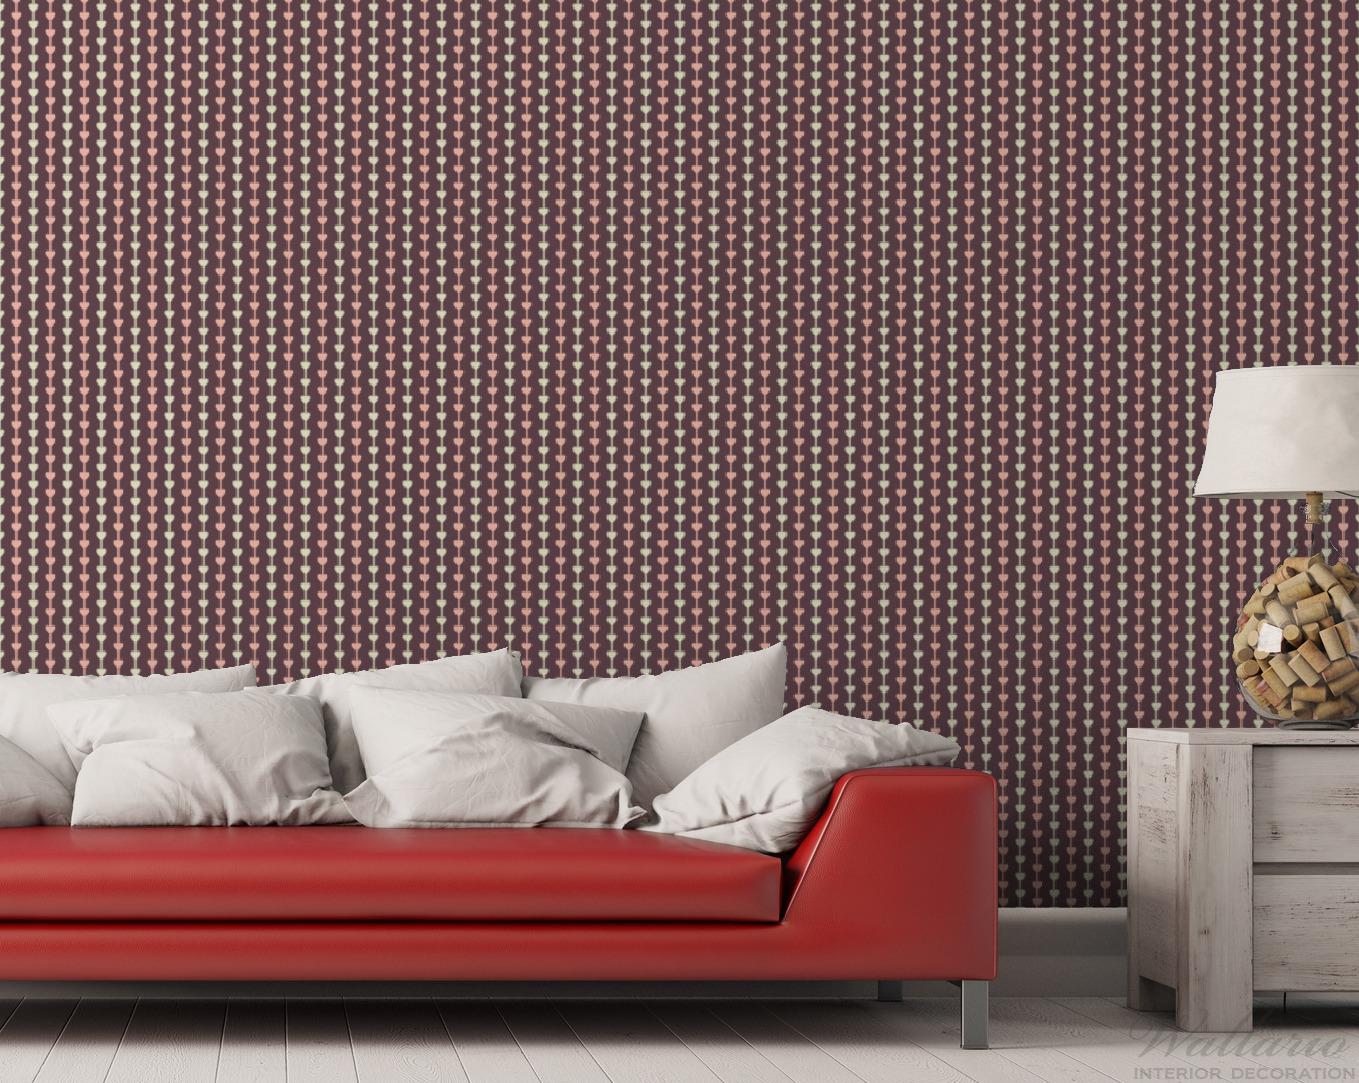 Vliestapete Muster Herzen in beig und rosa in Reih und Glied – Bild 3